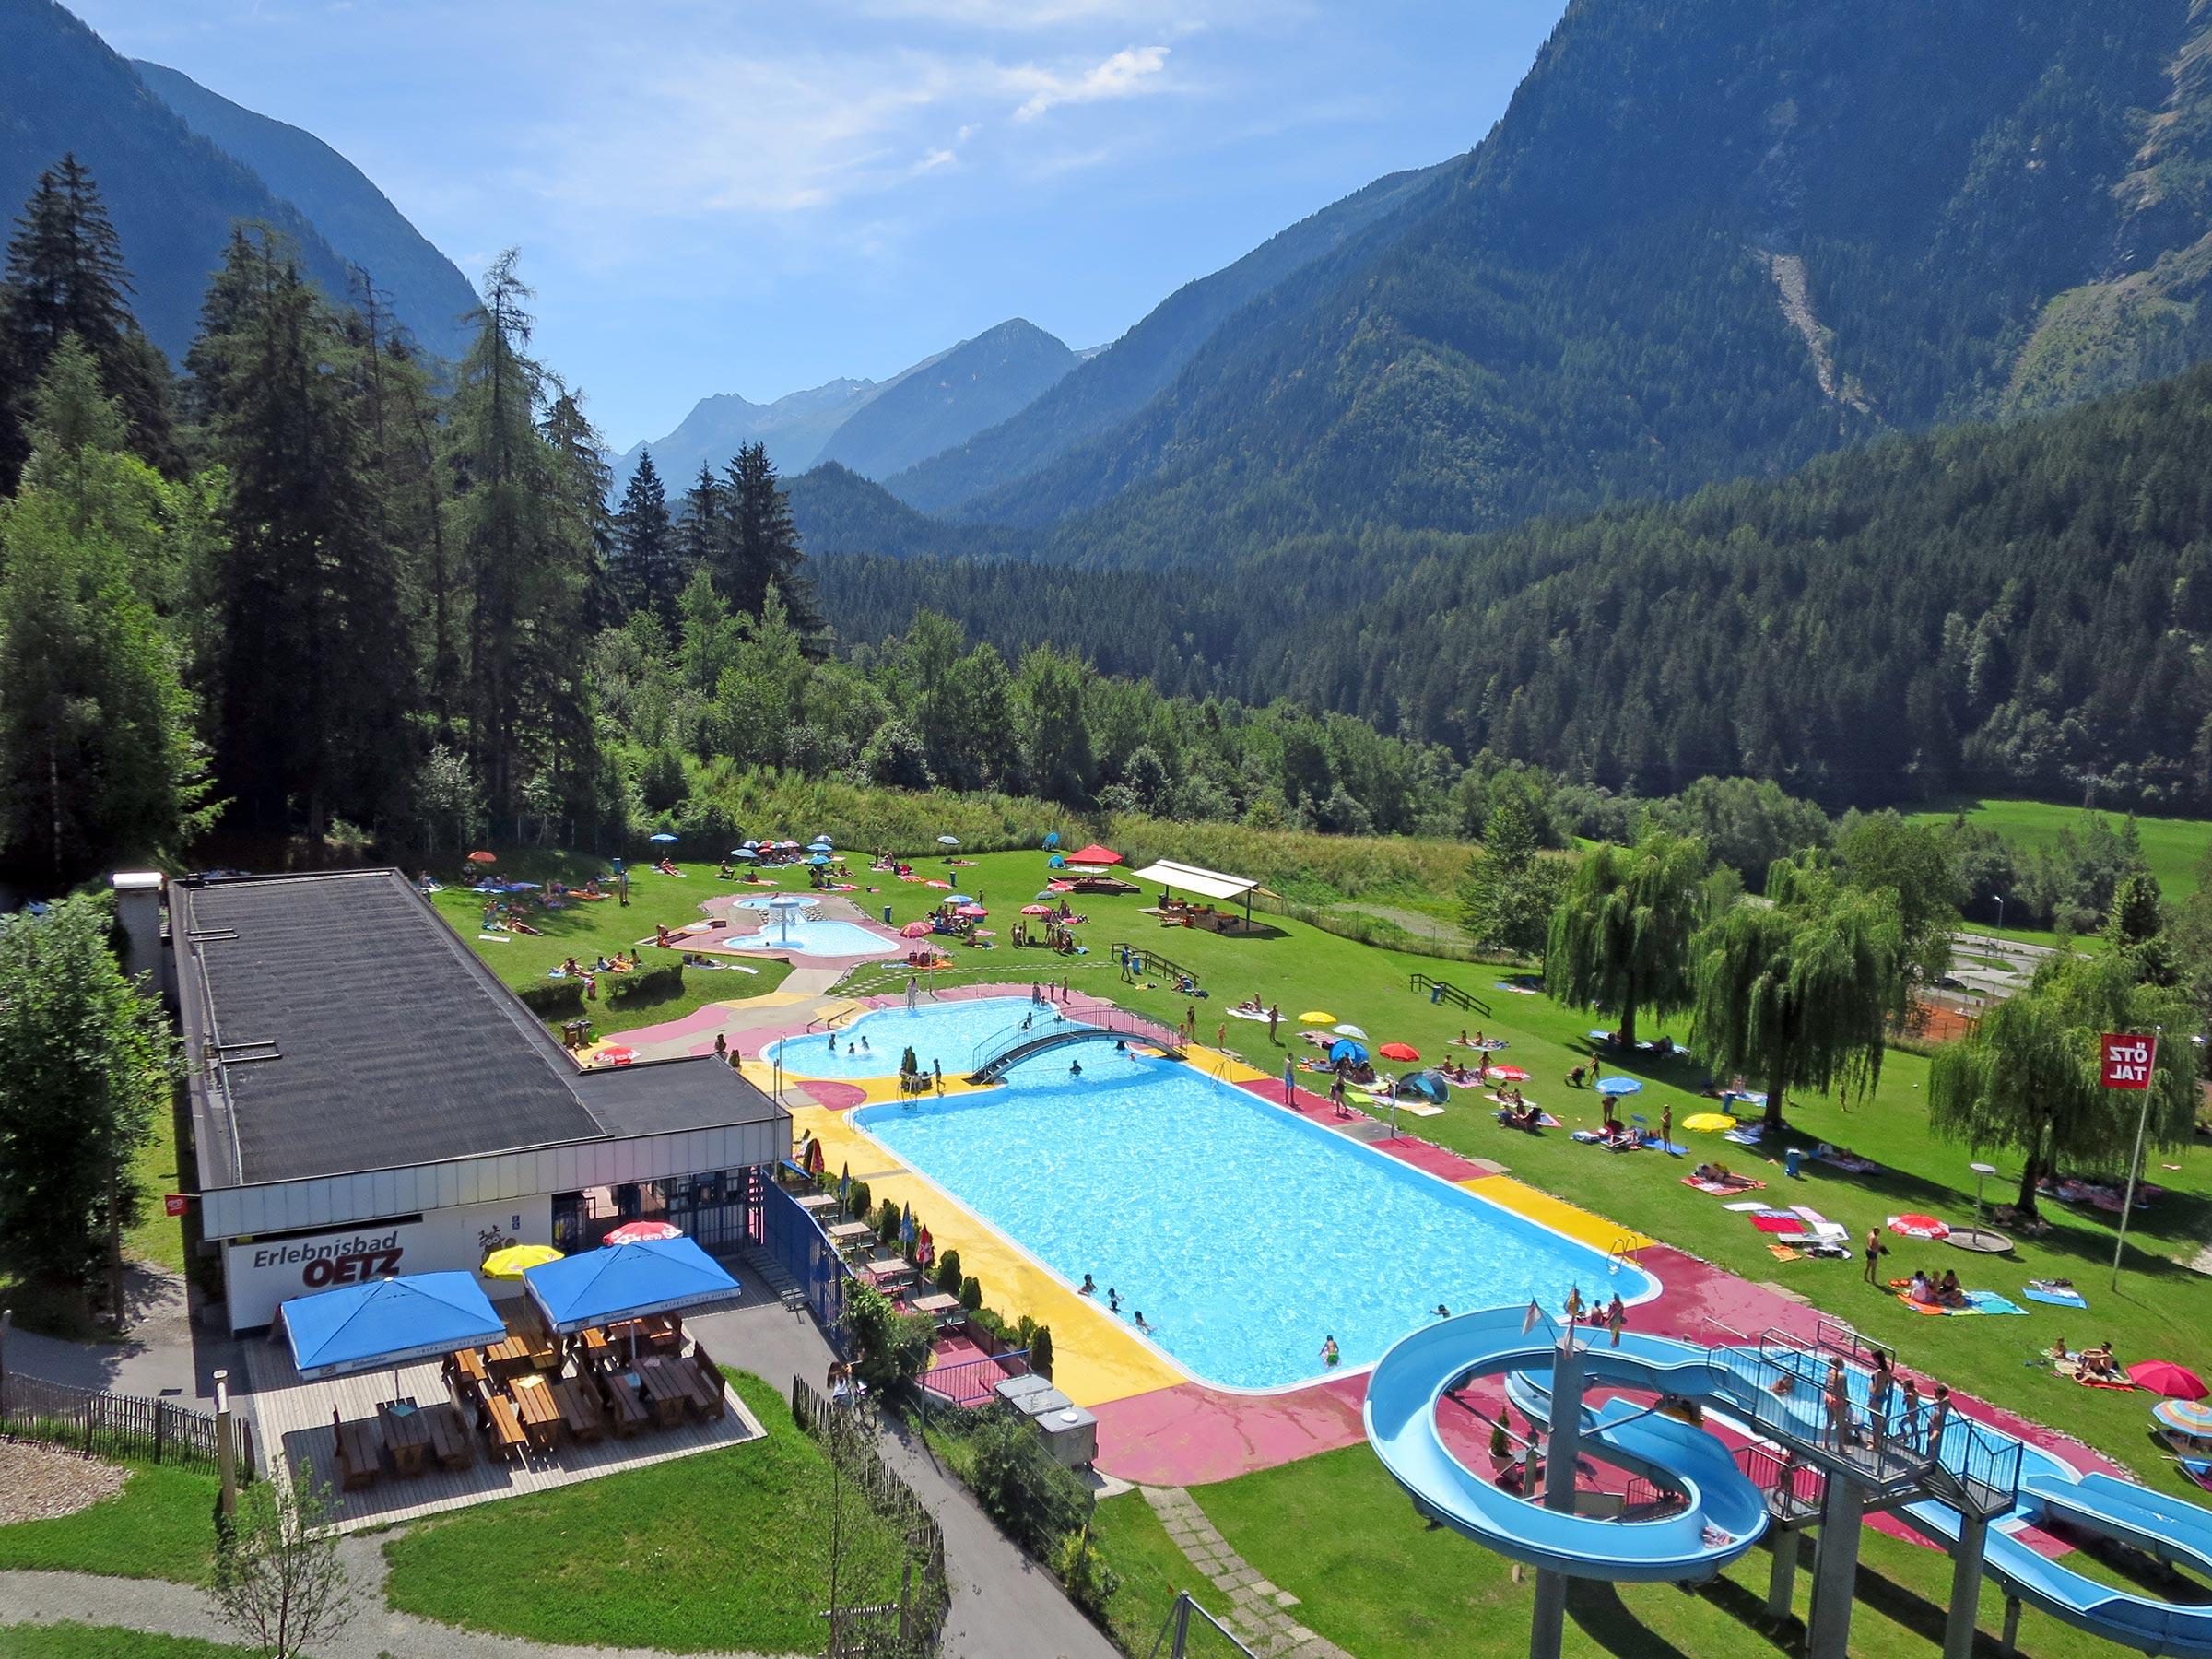 Erlebnisschwimmbad Oetz Überblick - Badeseen und Schwimmbäder Ötztal